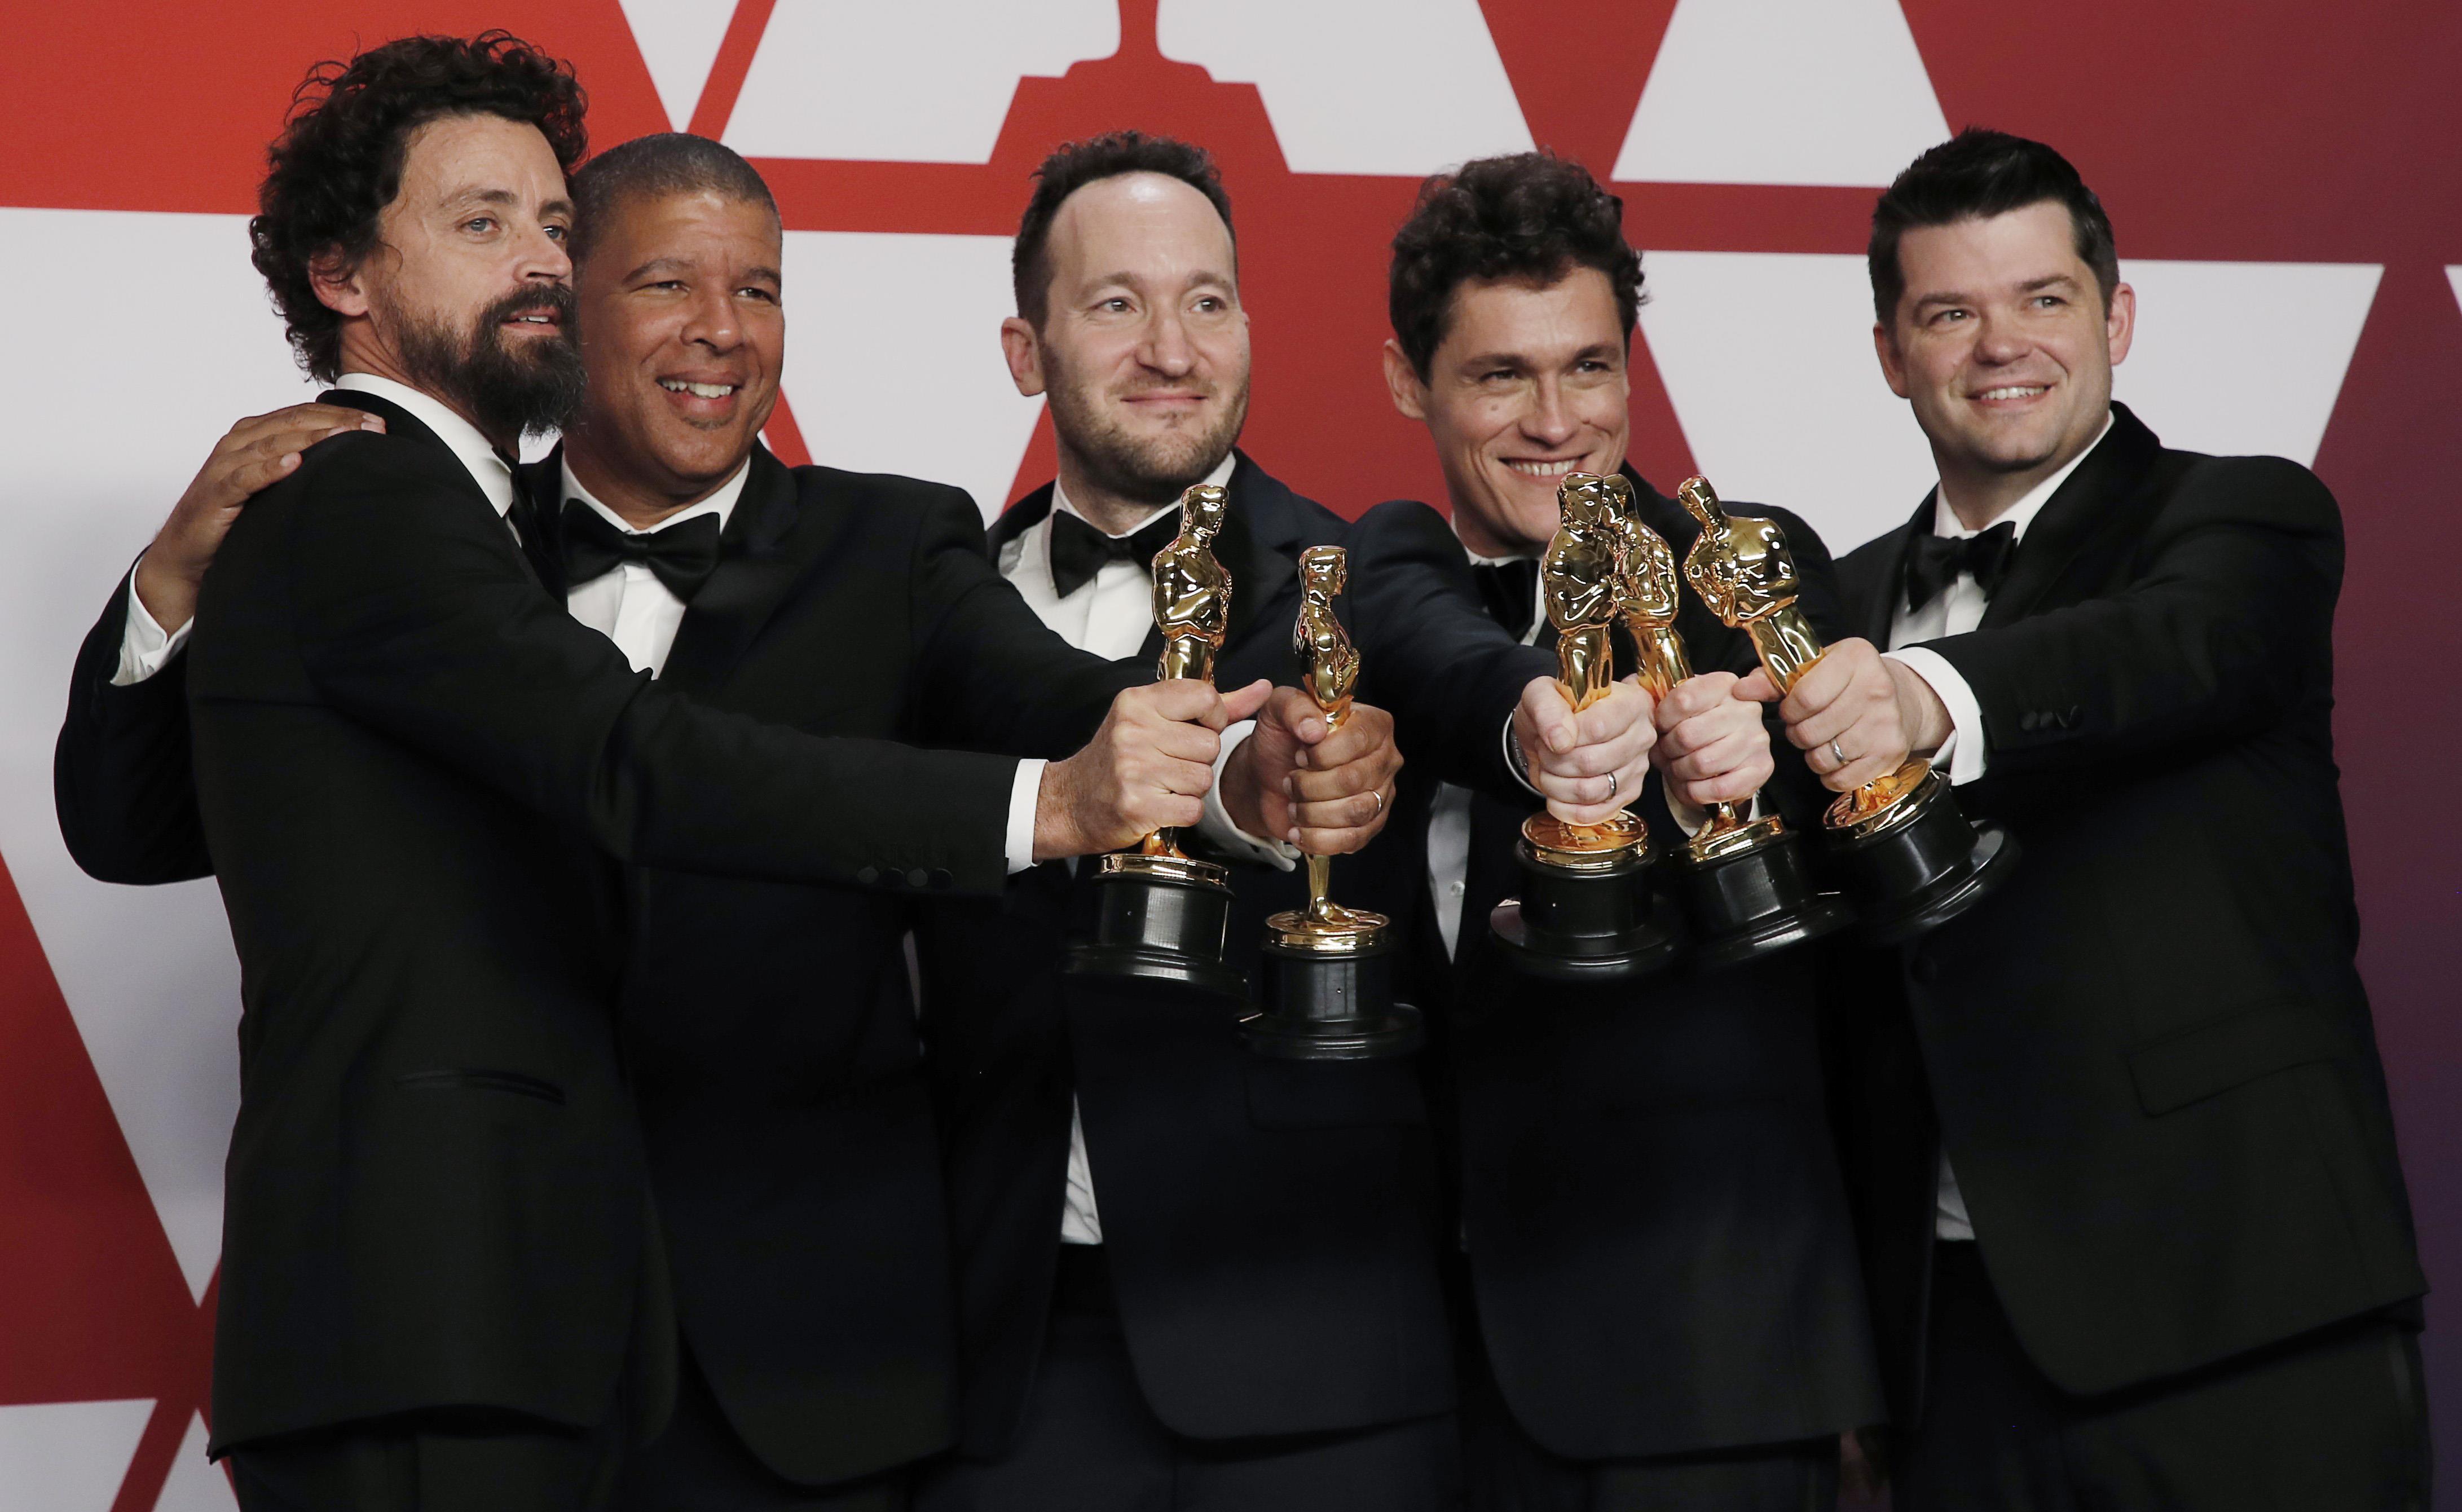 """Bob Persichetti, Peter Ramsey, Rodney Rothman, Phil Lord y Christopher Miller con el Oscar a la mejor película de animación por """"Spider-Man: Into The Spider-Verse"""" (REUTERS/Mike Segar)"""